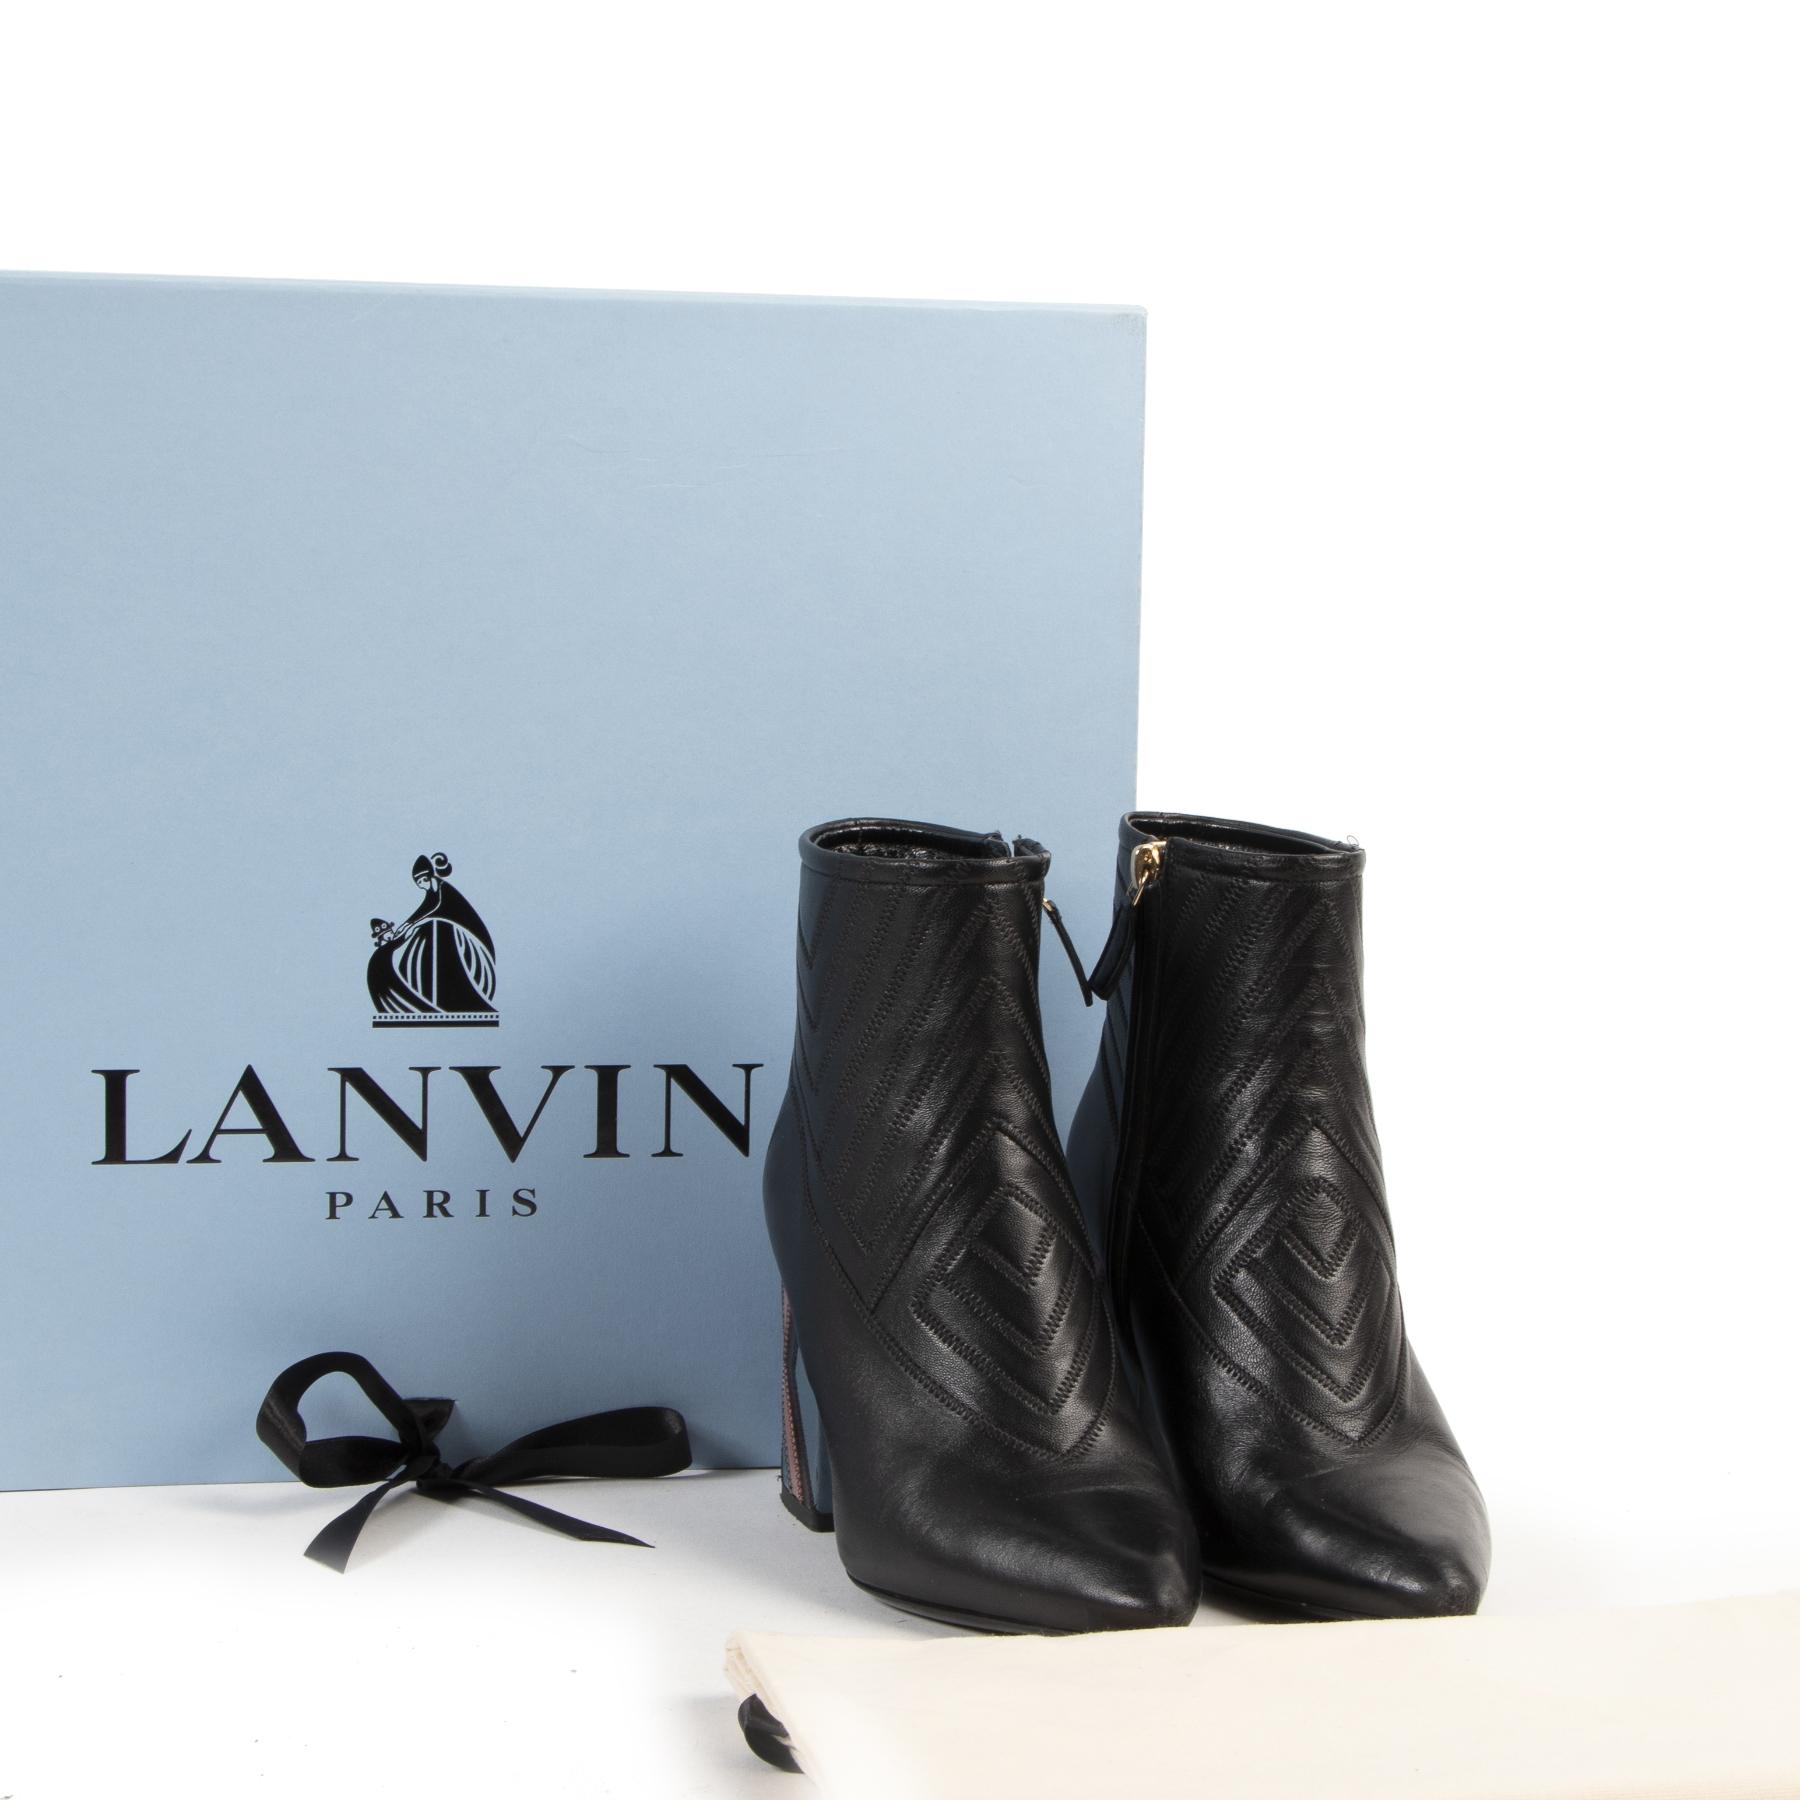 Lanvin Chunky Bootie Patch Heels kopen en verkopen bij Labellov tweedehands luxe webshop